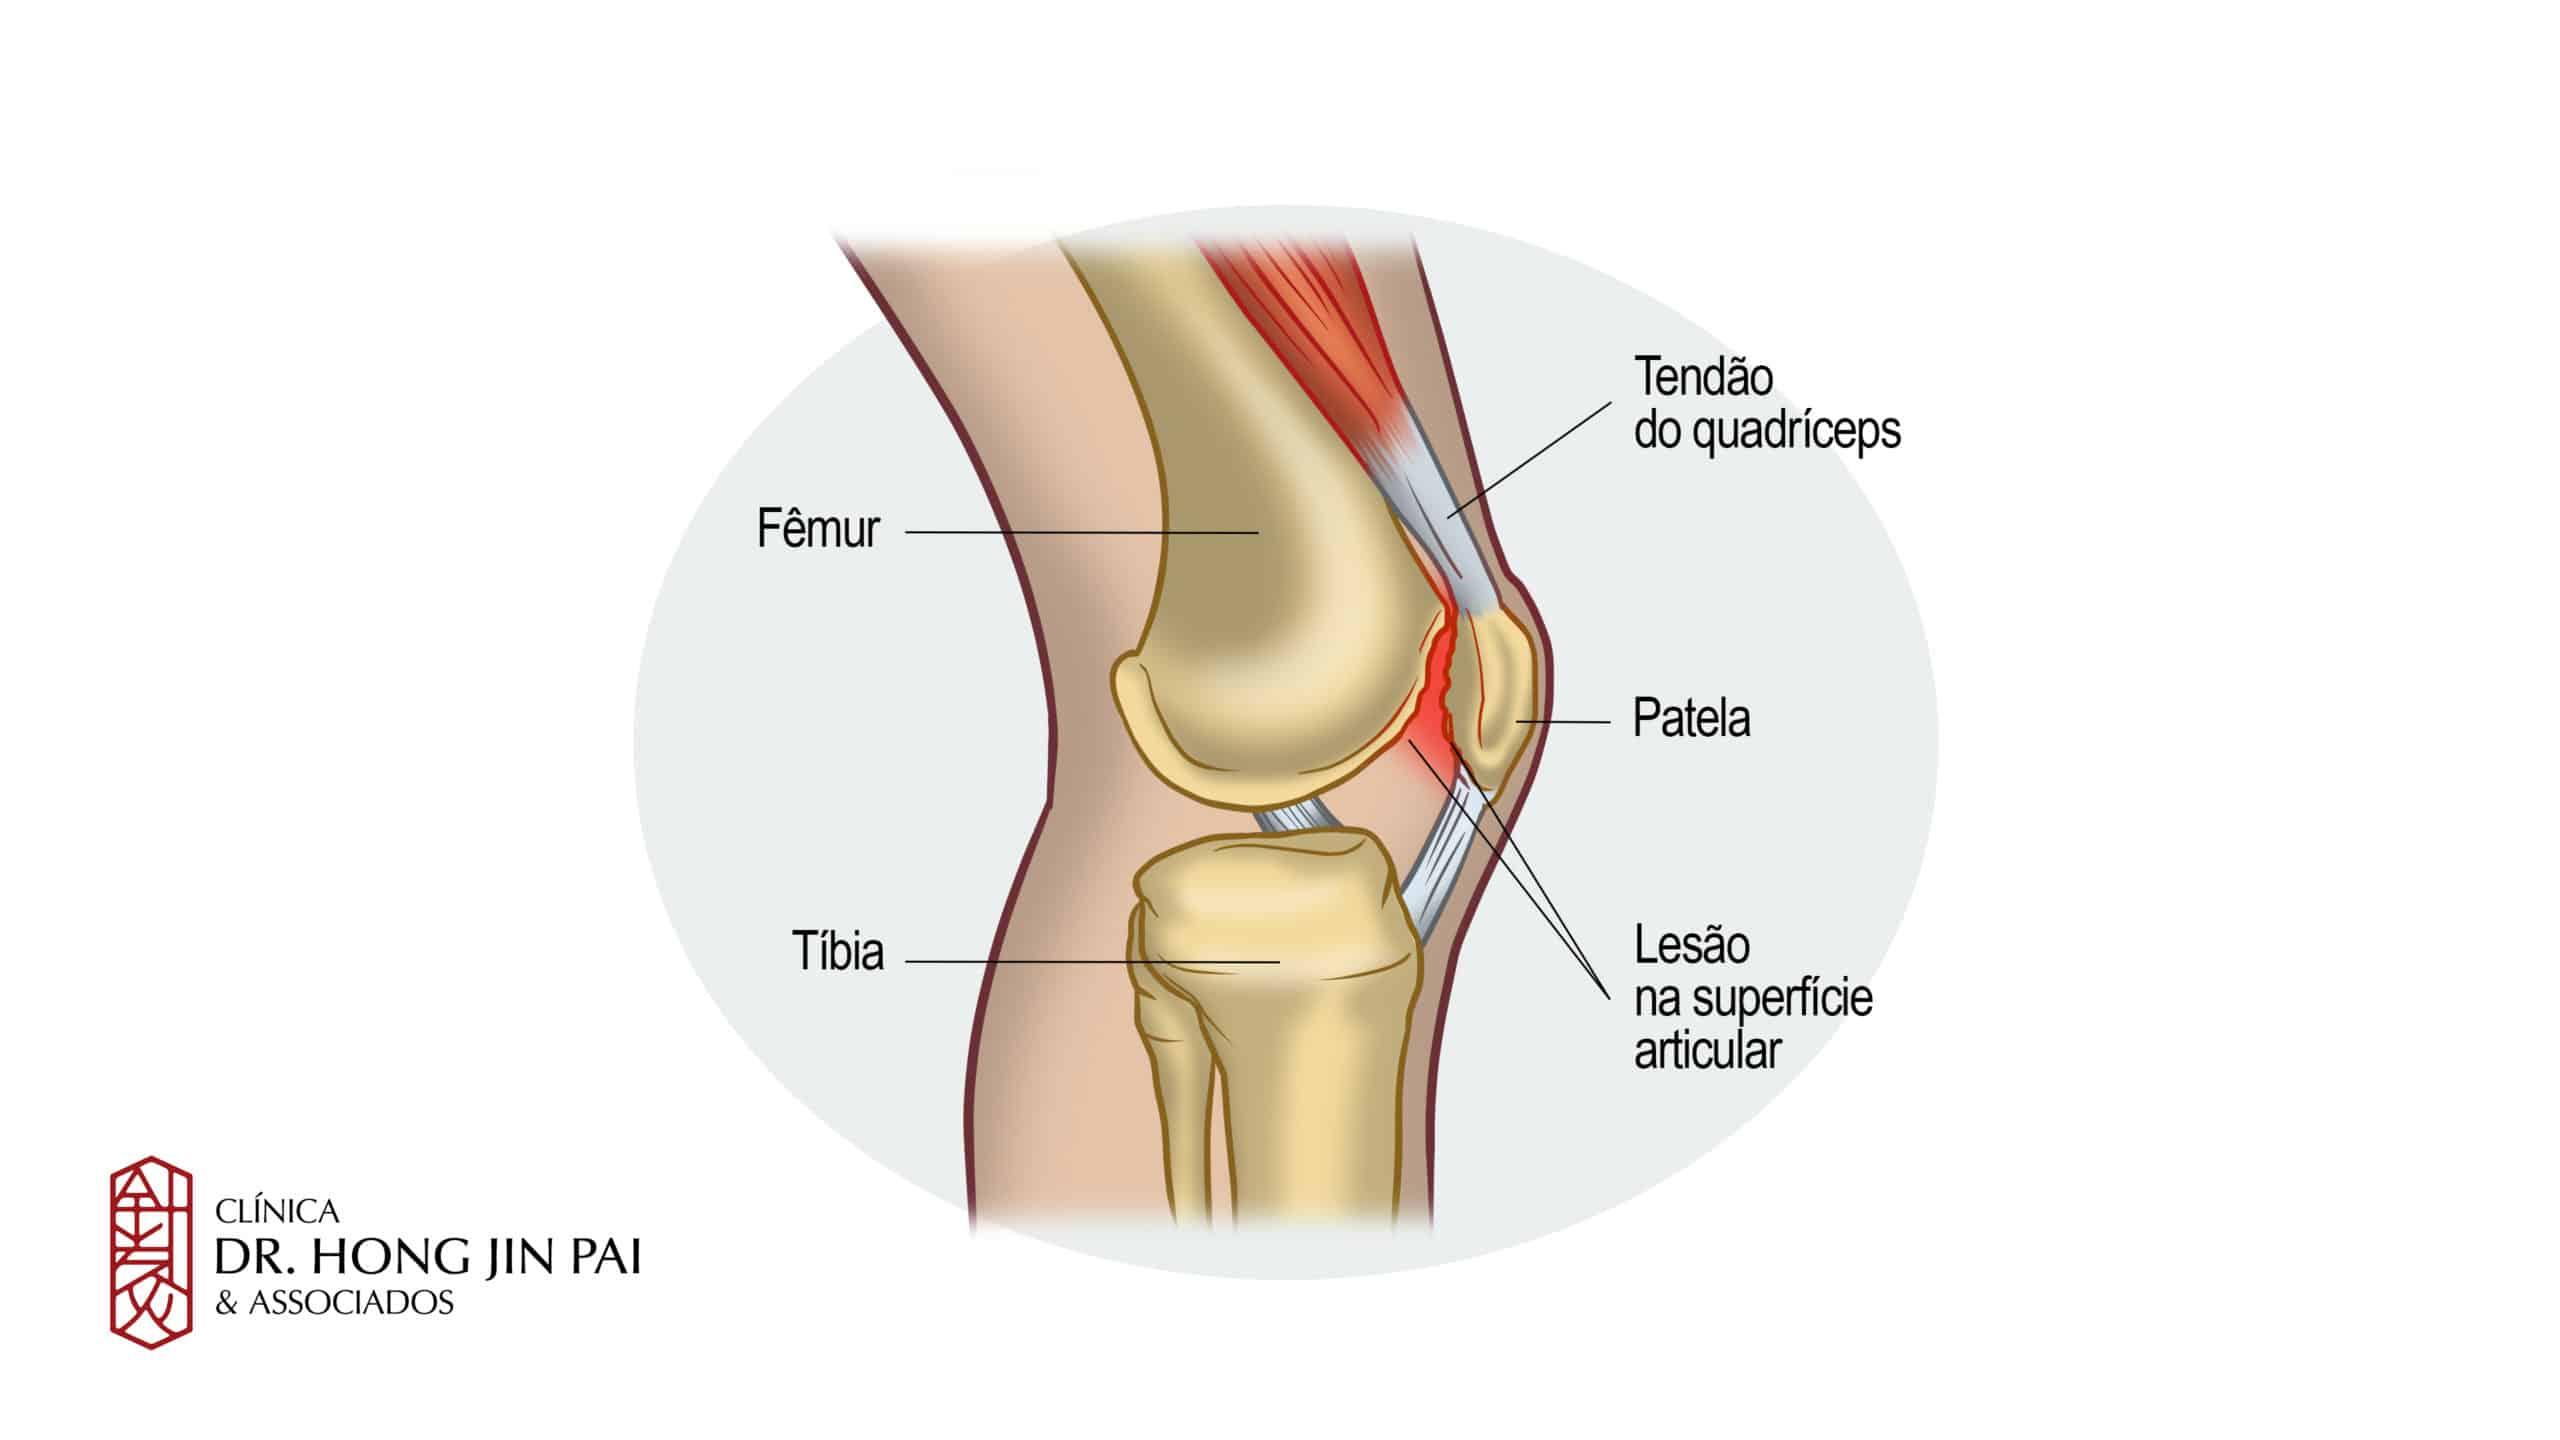 A Síndrome da Dor Femoropatelar é uma das desordens mais frequentes do joelho, caracterizada por dor anterior no joelho